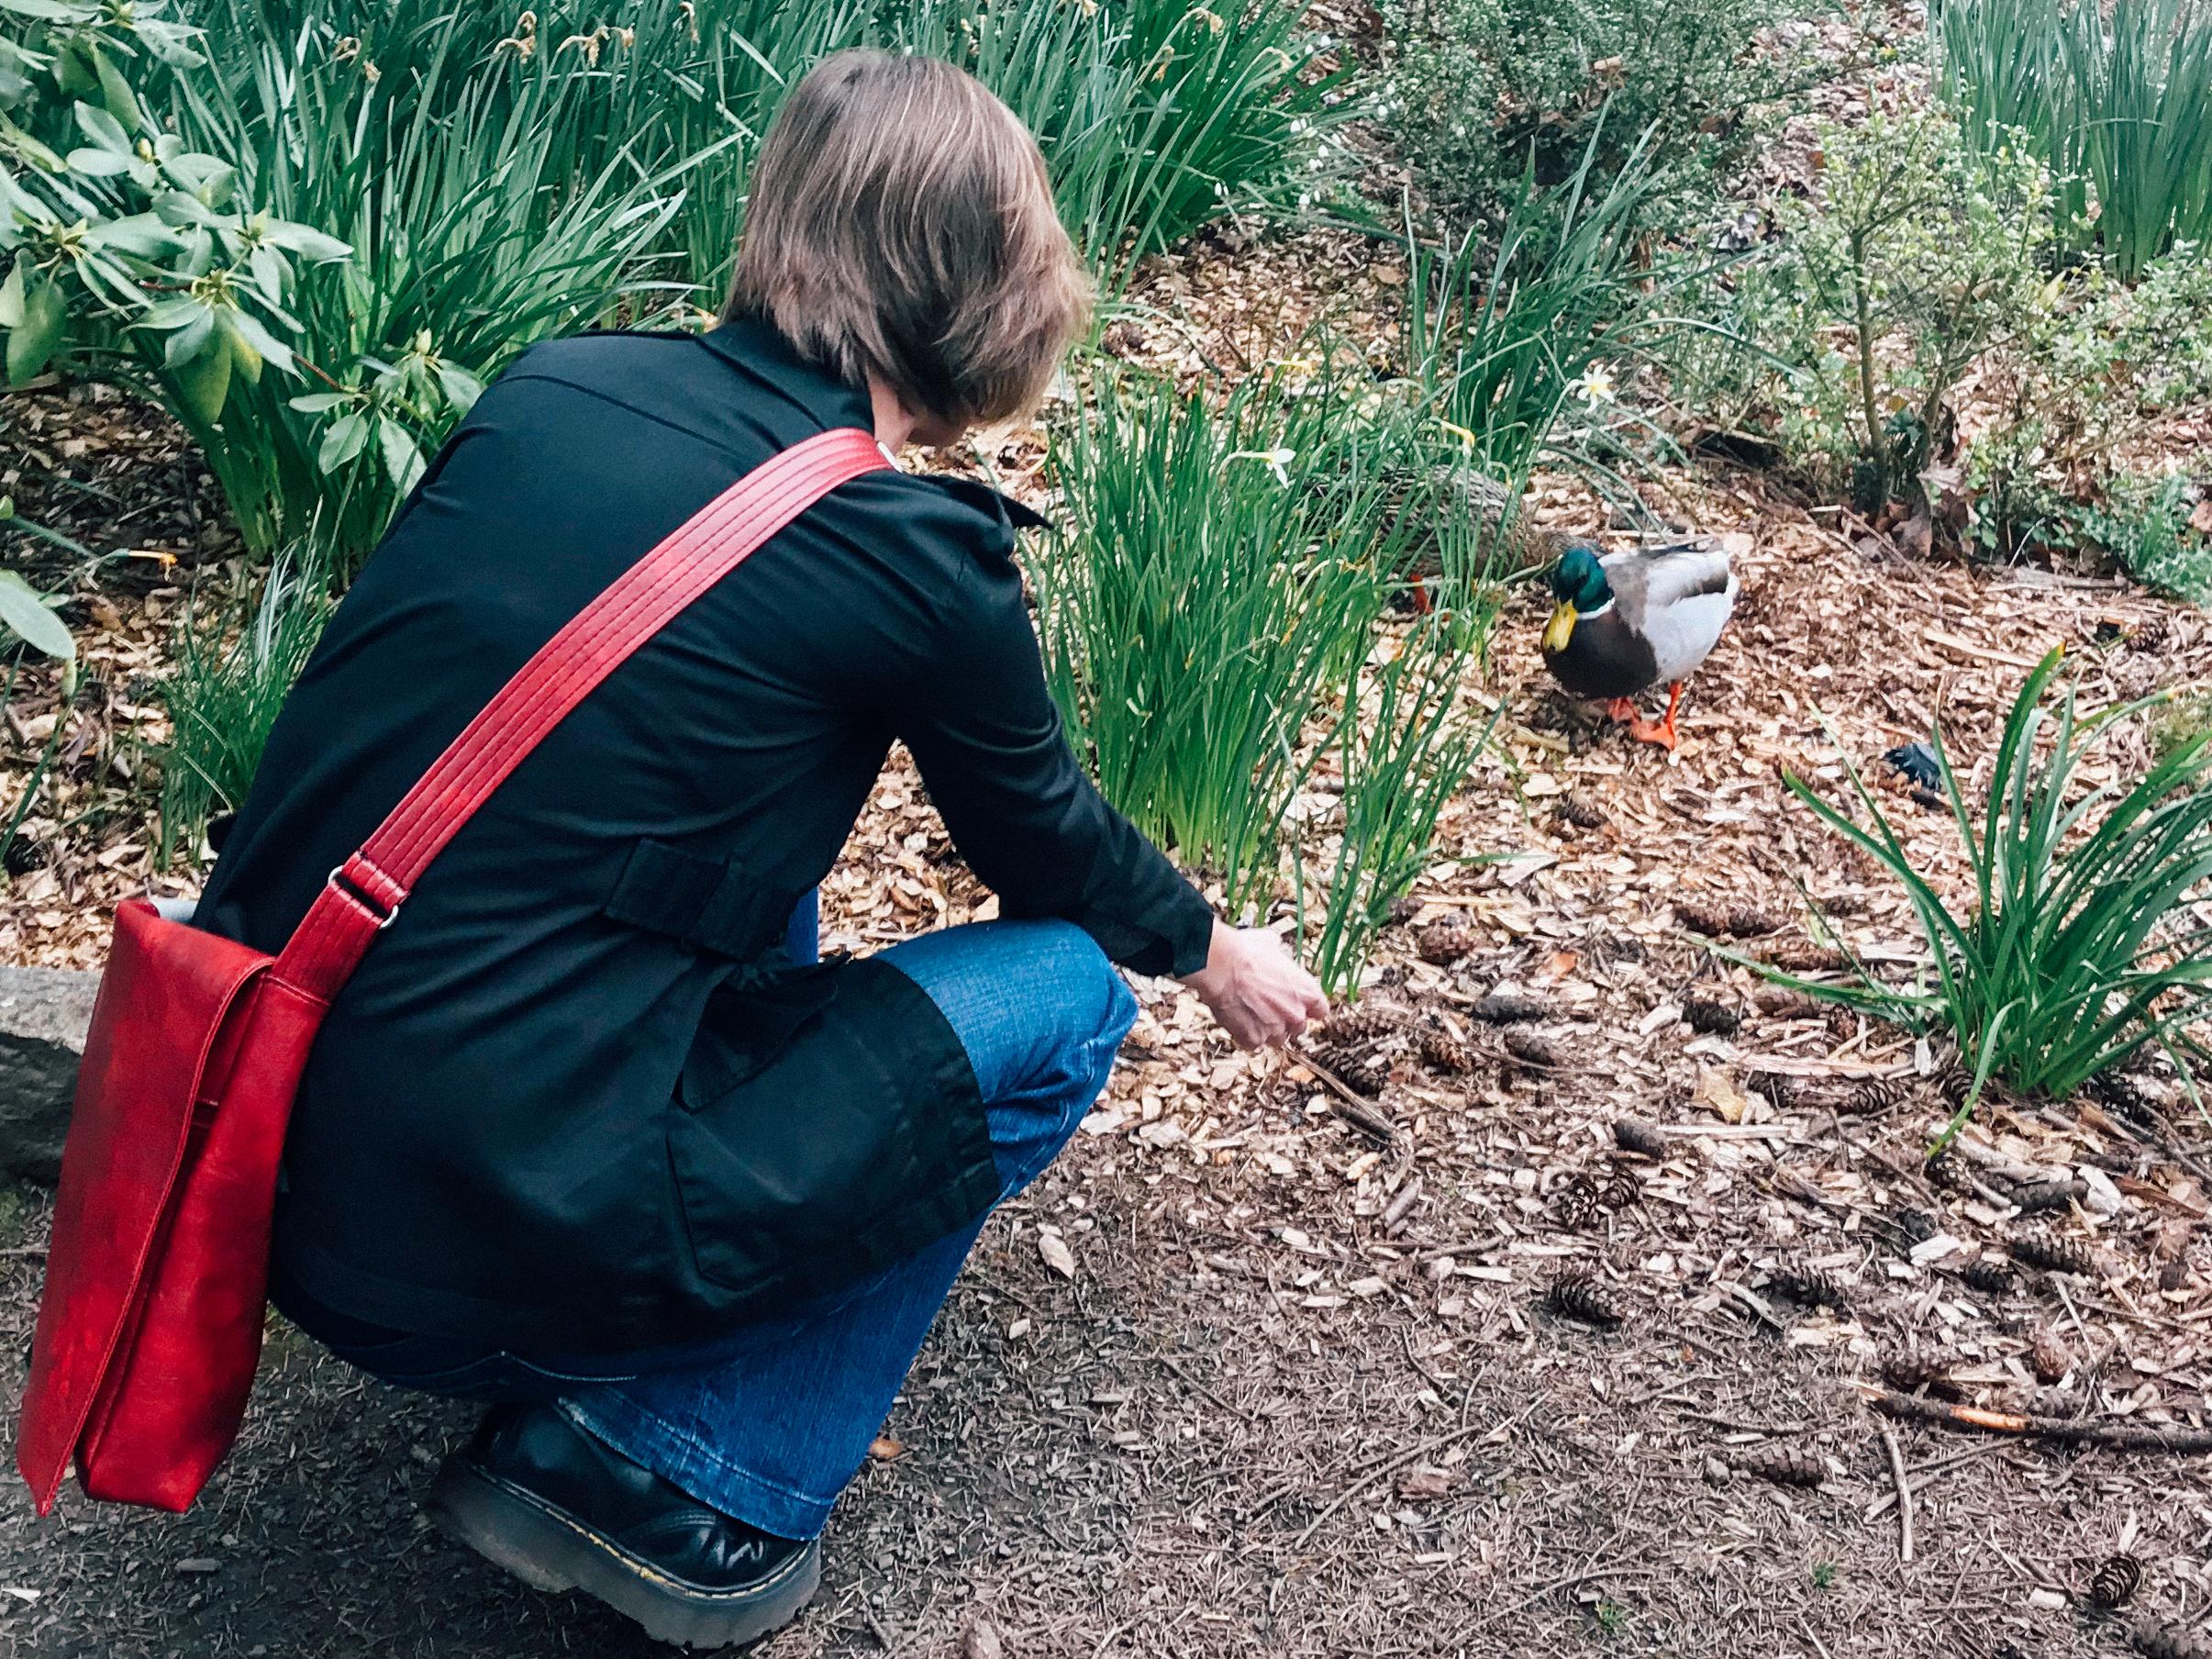 Elaine talks with the ducks